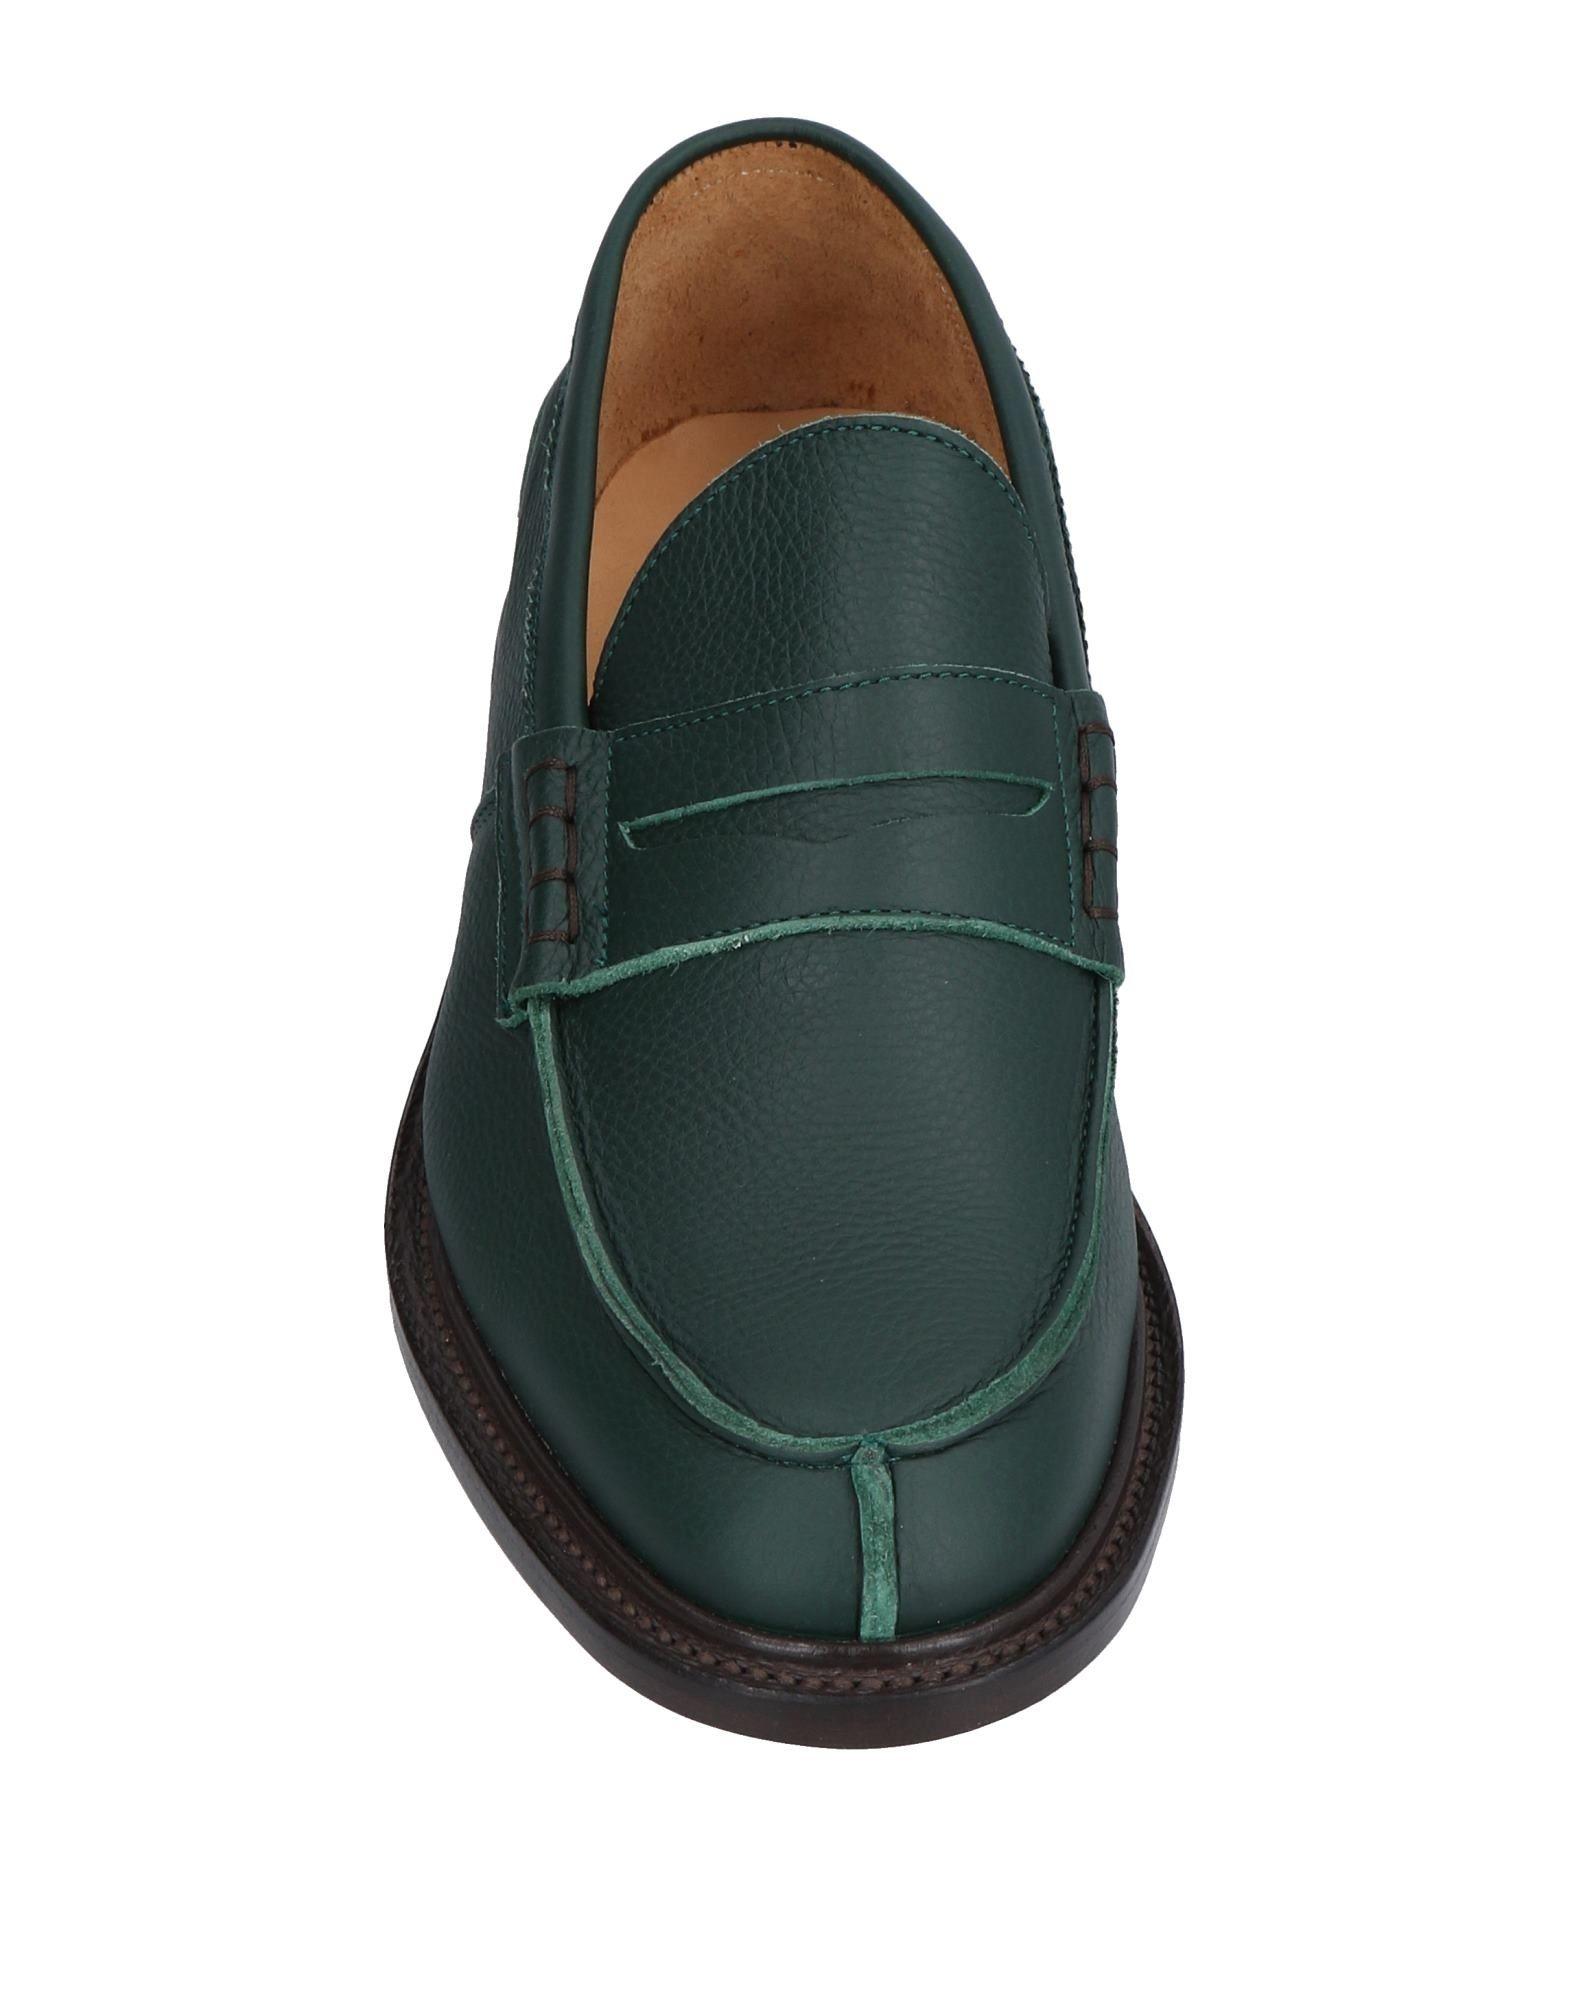 Tricker's Mokassins Herren  44923929TO 44923929TO 44923929TO Gute Qualität beliebte Schuhe c48a61